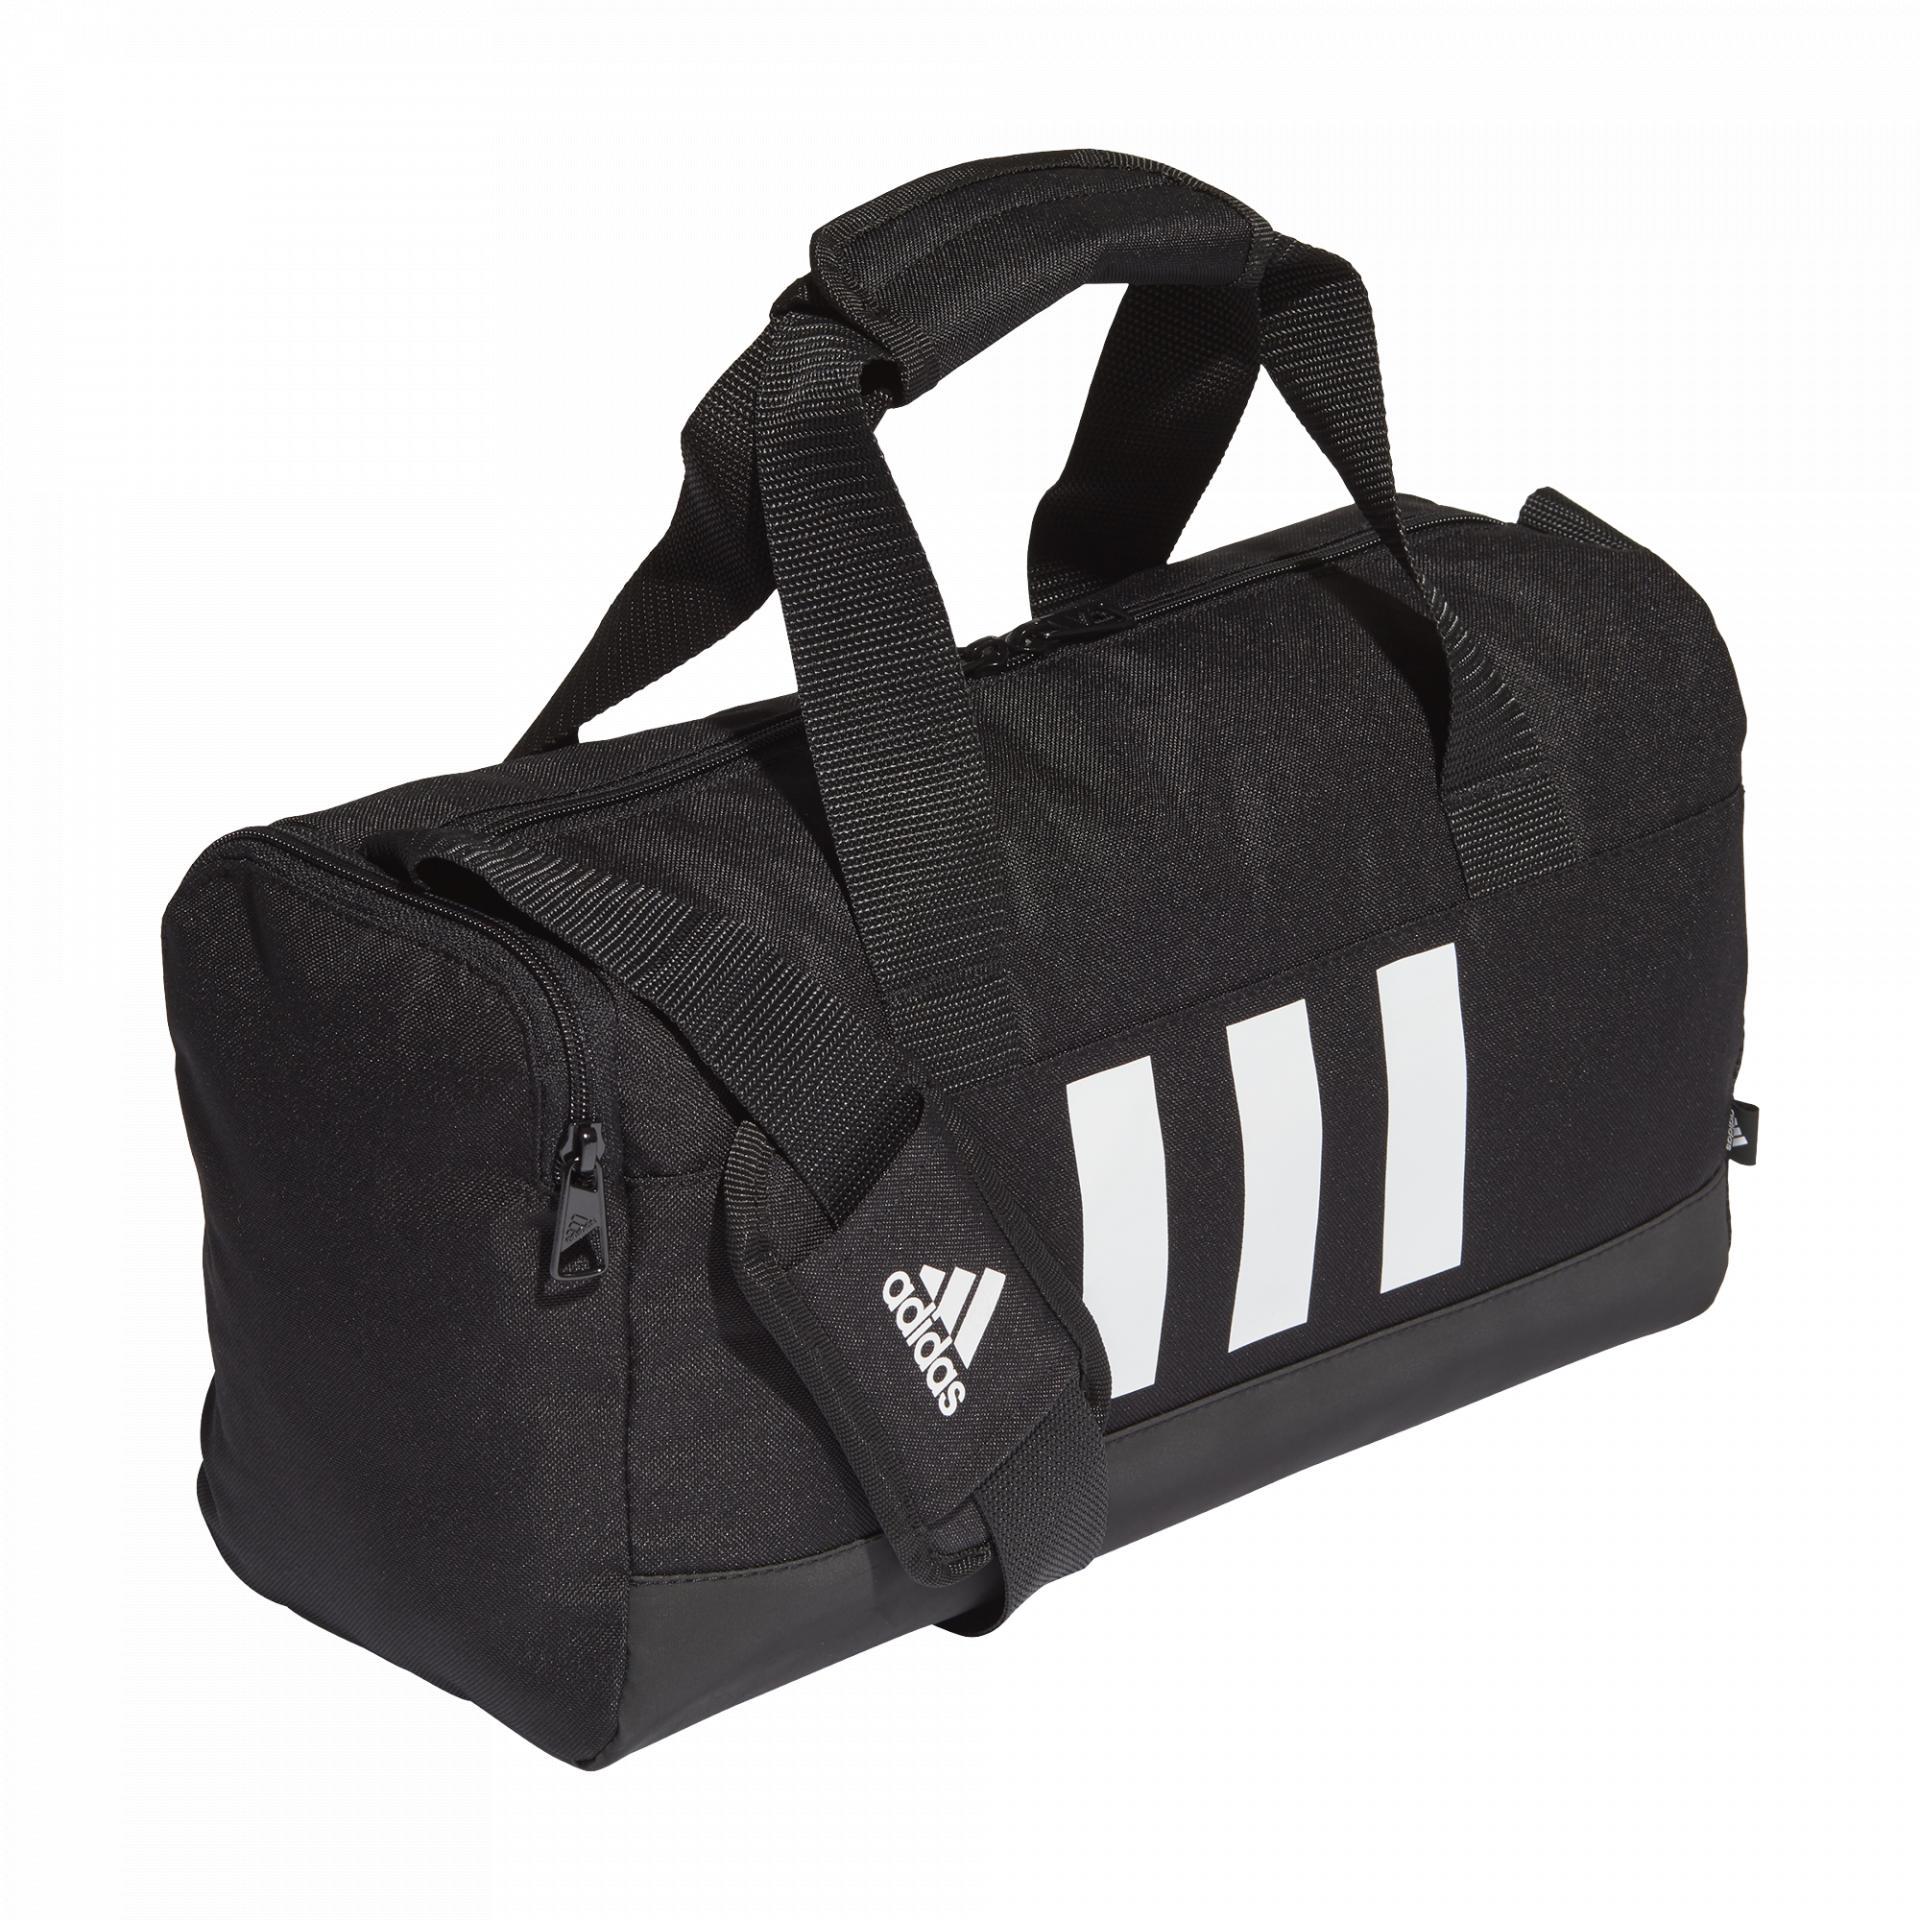 Bolsa de deportes de Adidas GN1540